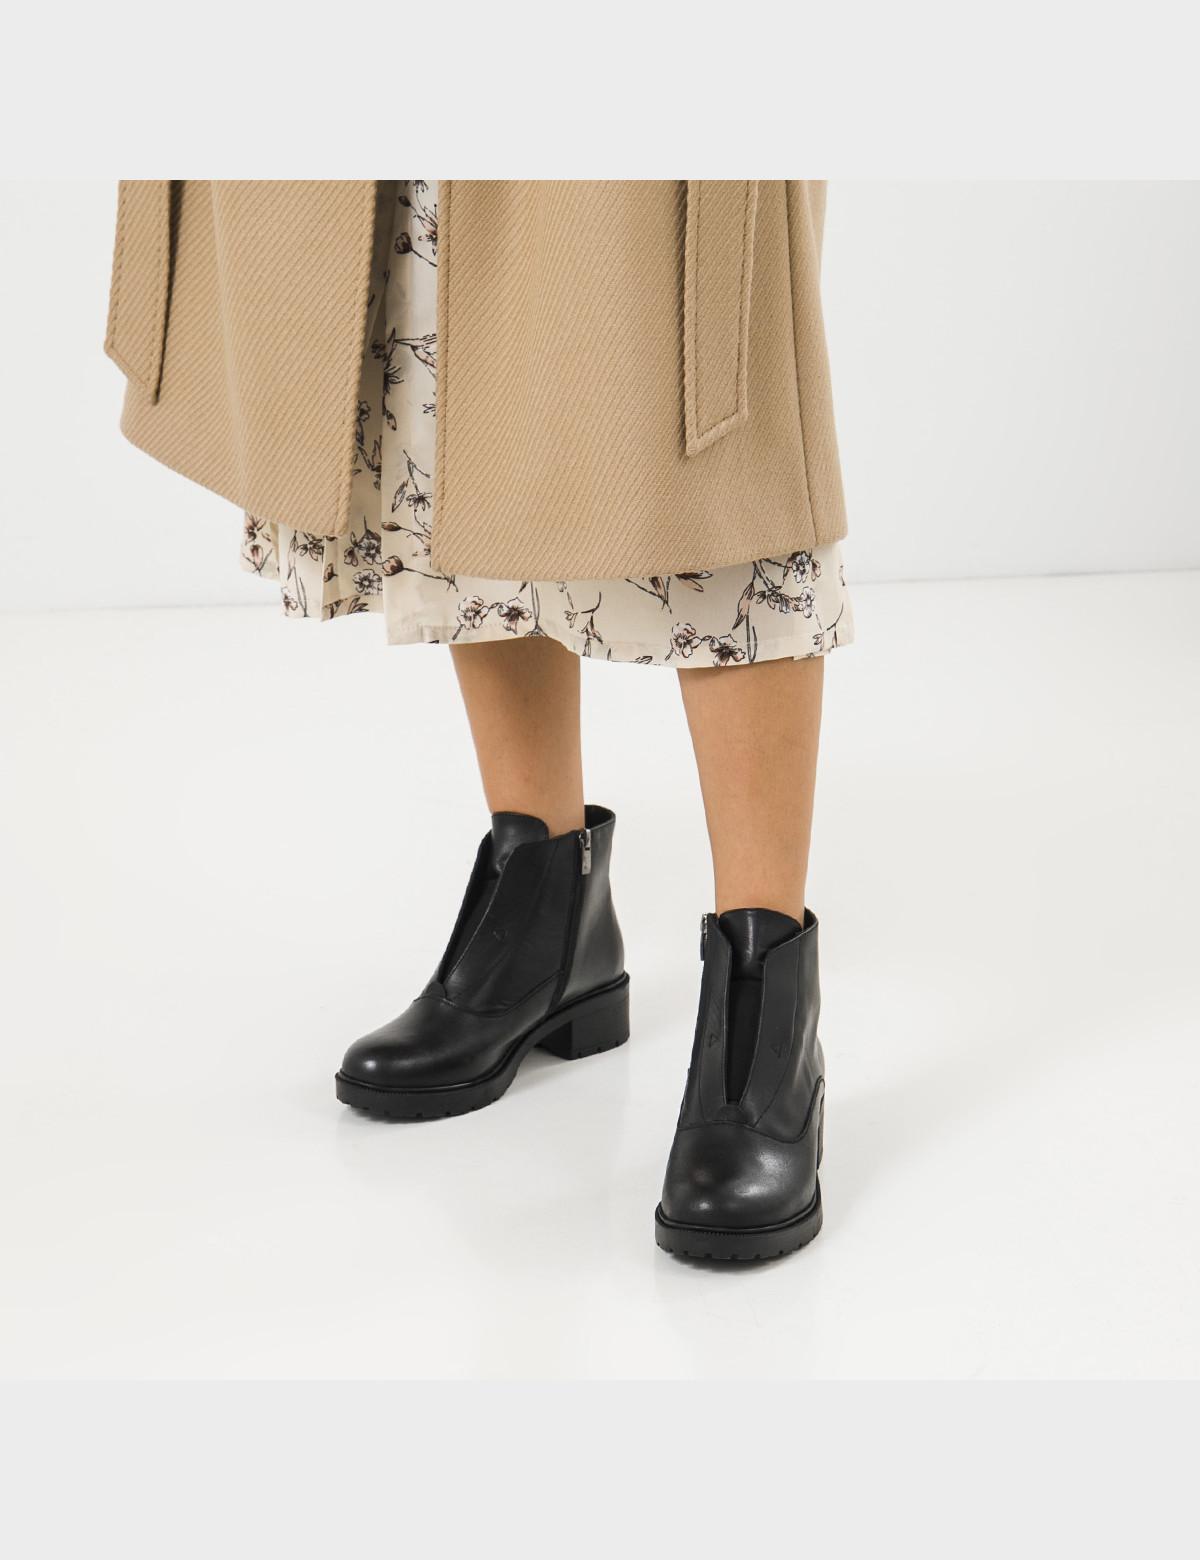 Ботинки черные, натуральная кожа. Байка 5